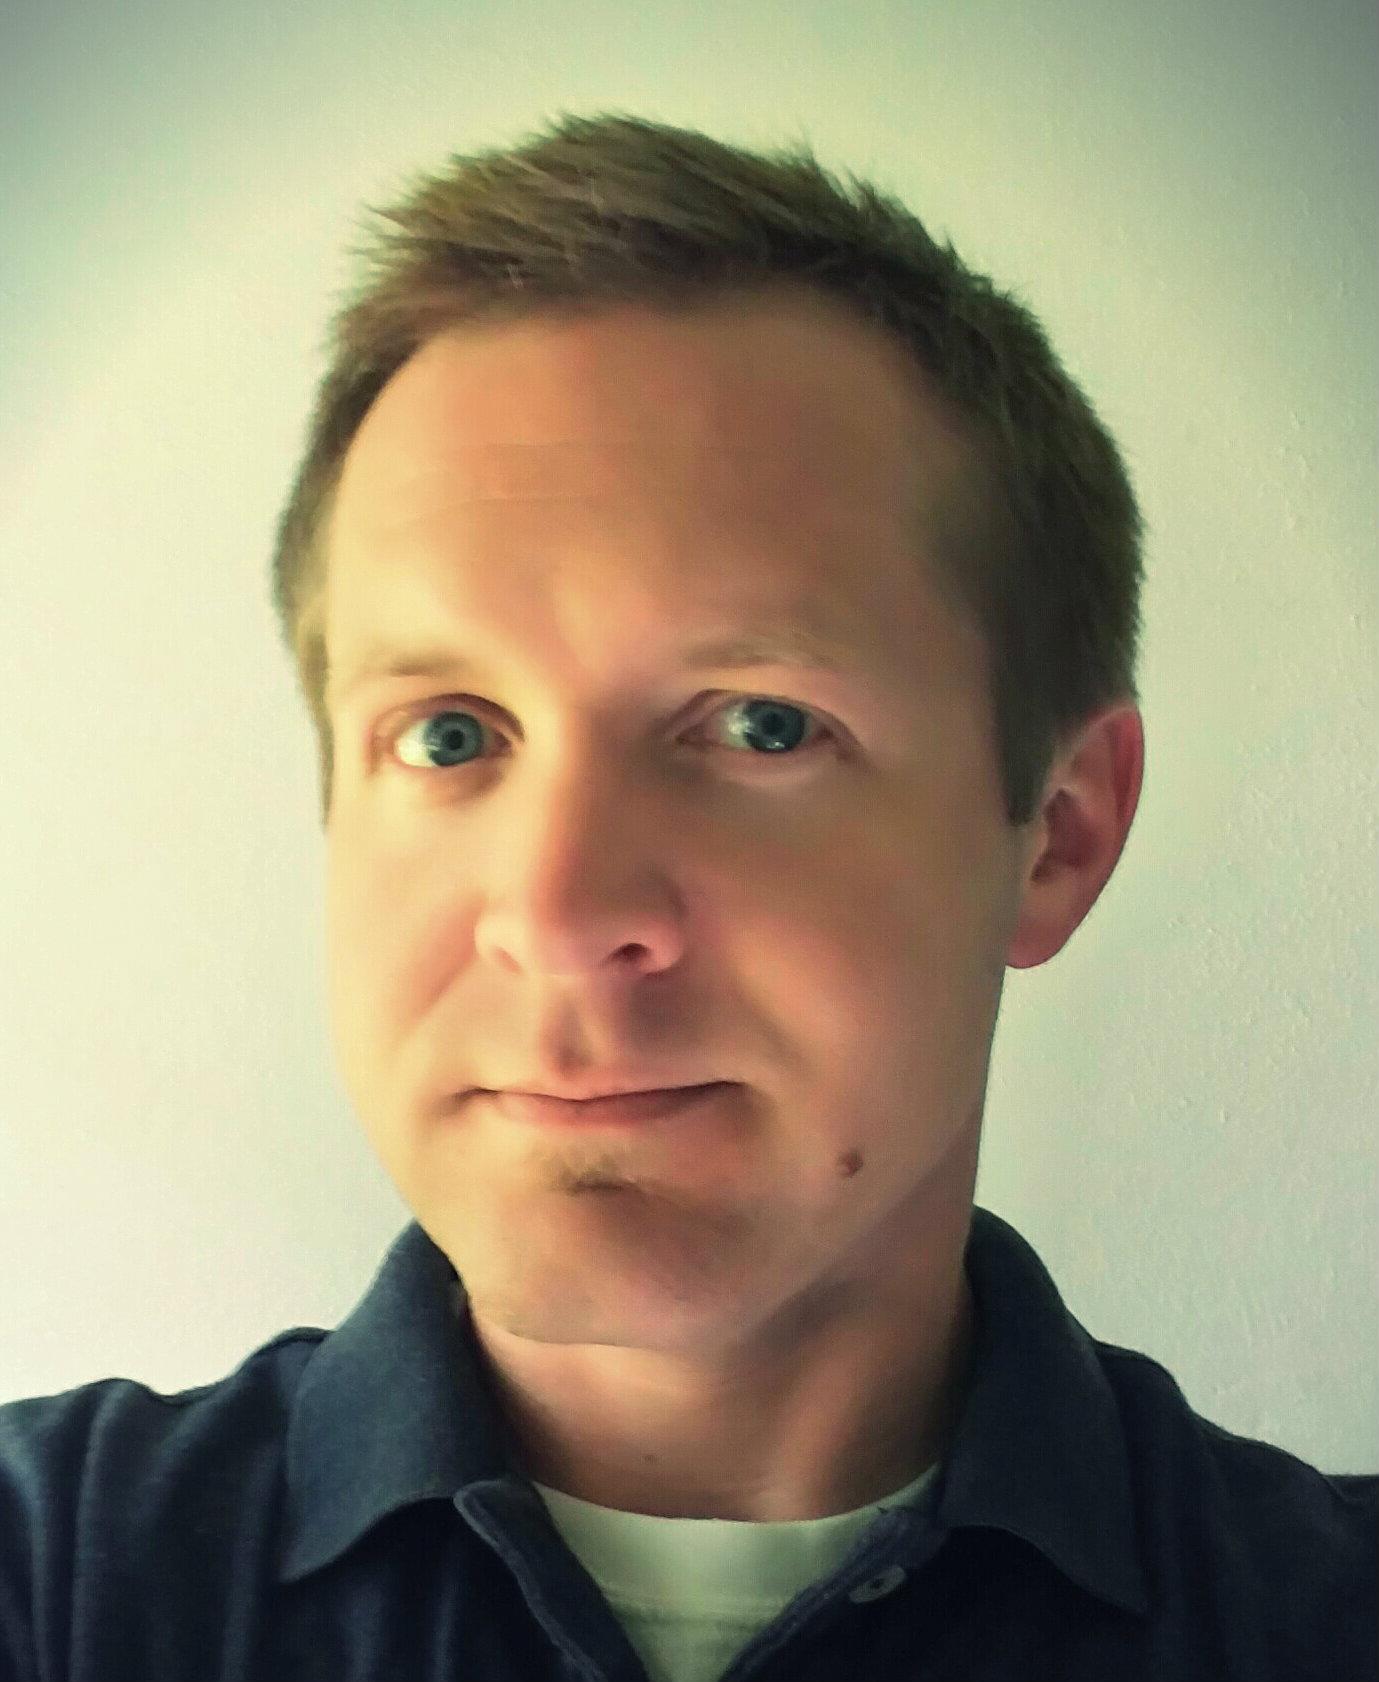 Headshot of Steven Potter